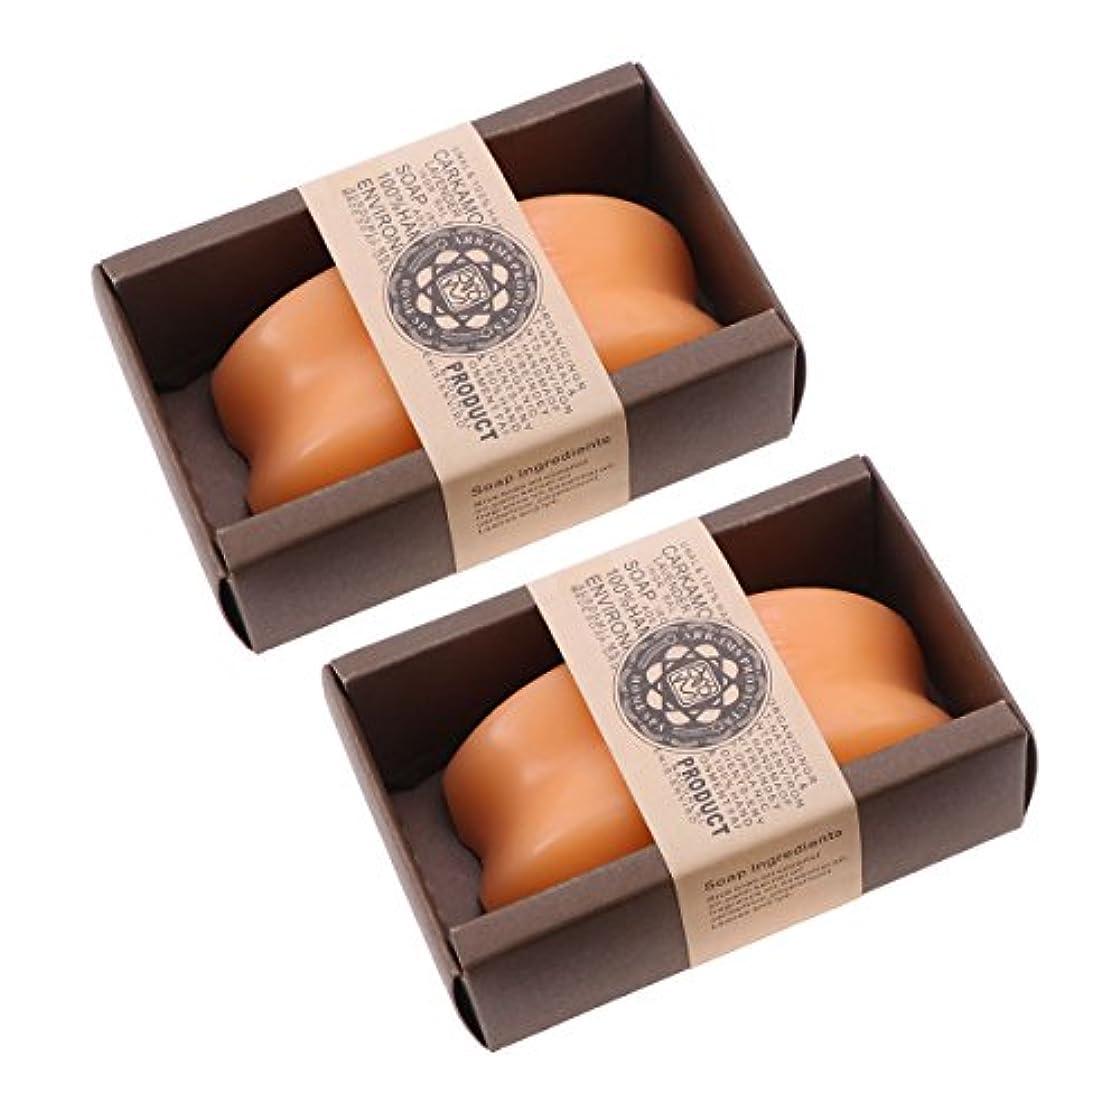 登録するニコチン置換Lurrose パパイヤソープオーガニック手作りエッセンシャルオイルソープバーモイスチャライジングボディウォッシュソープ2個(オレンジ)